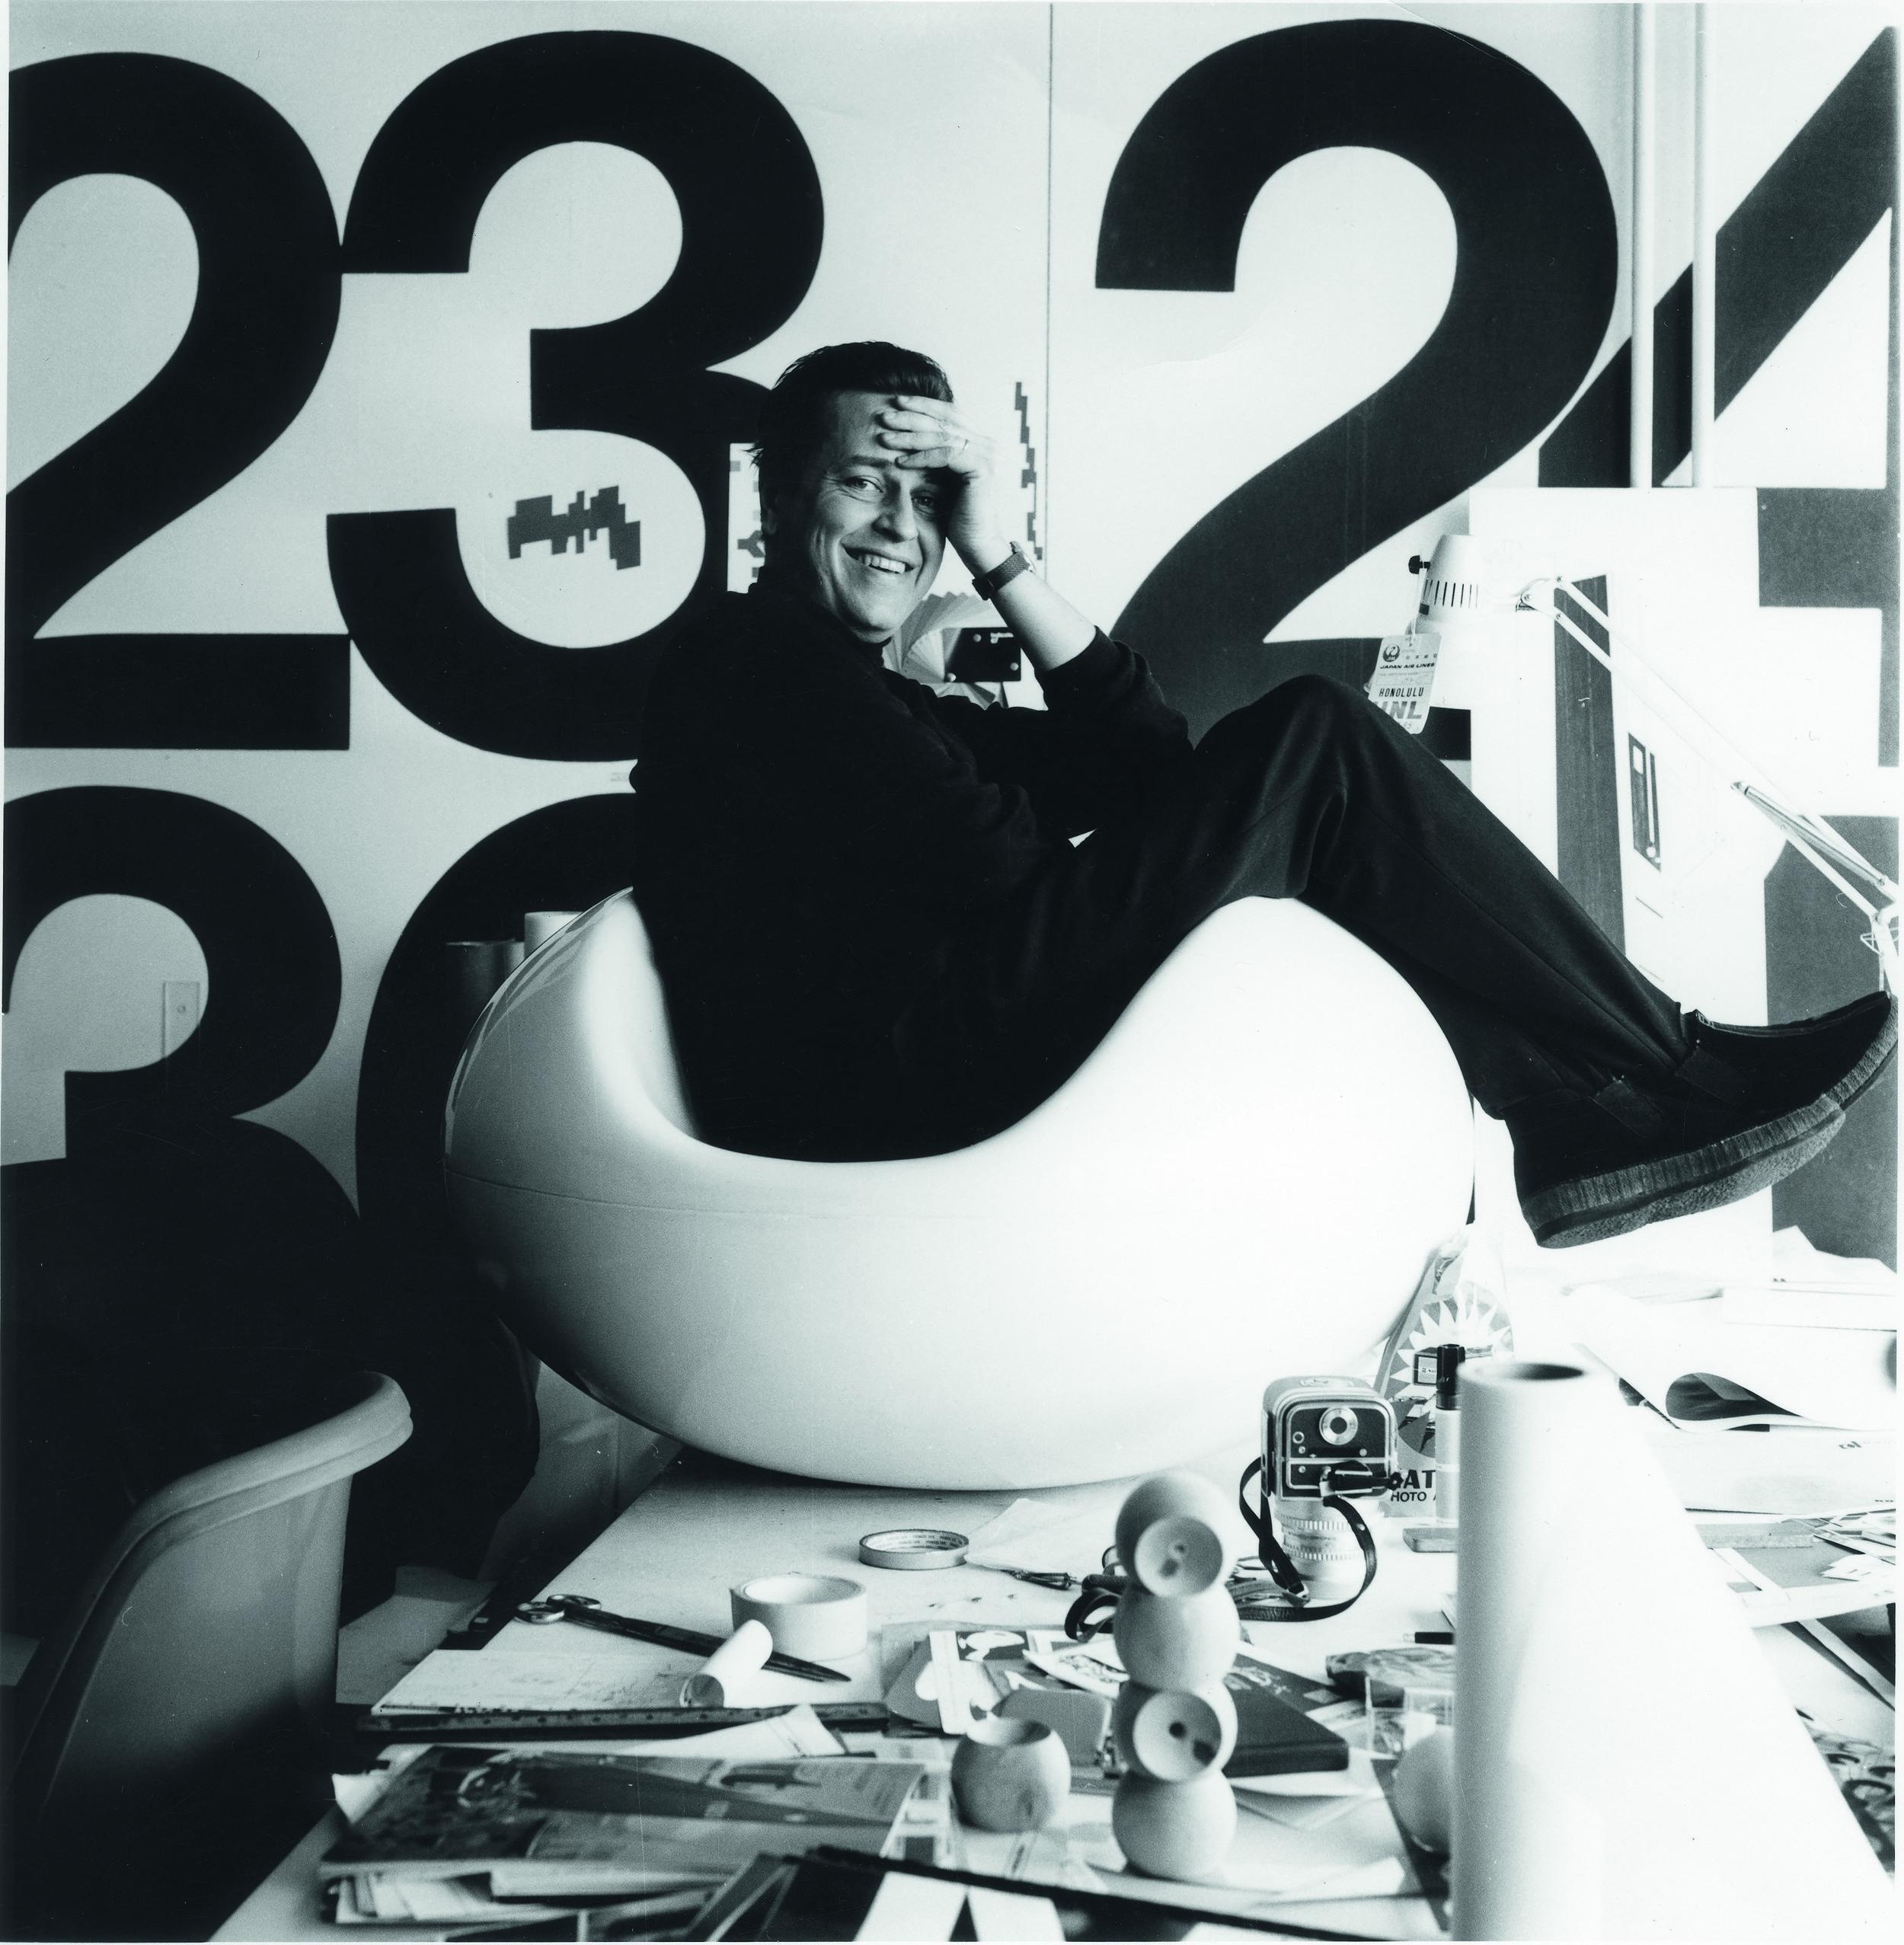 DM_Eero Aarnio in Pastilli chair in his studio in 1968_c_Pirkko Aarnio.jpg